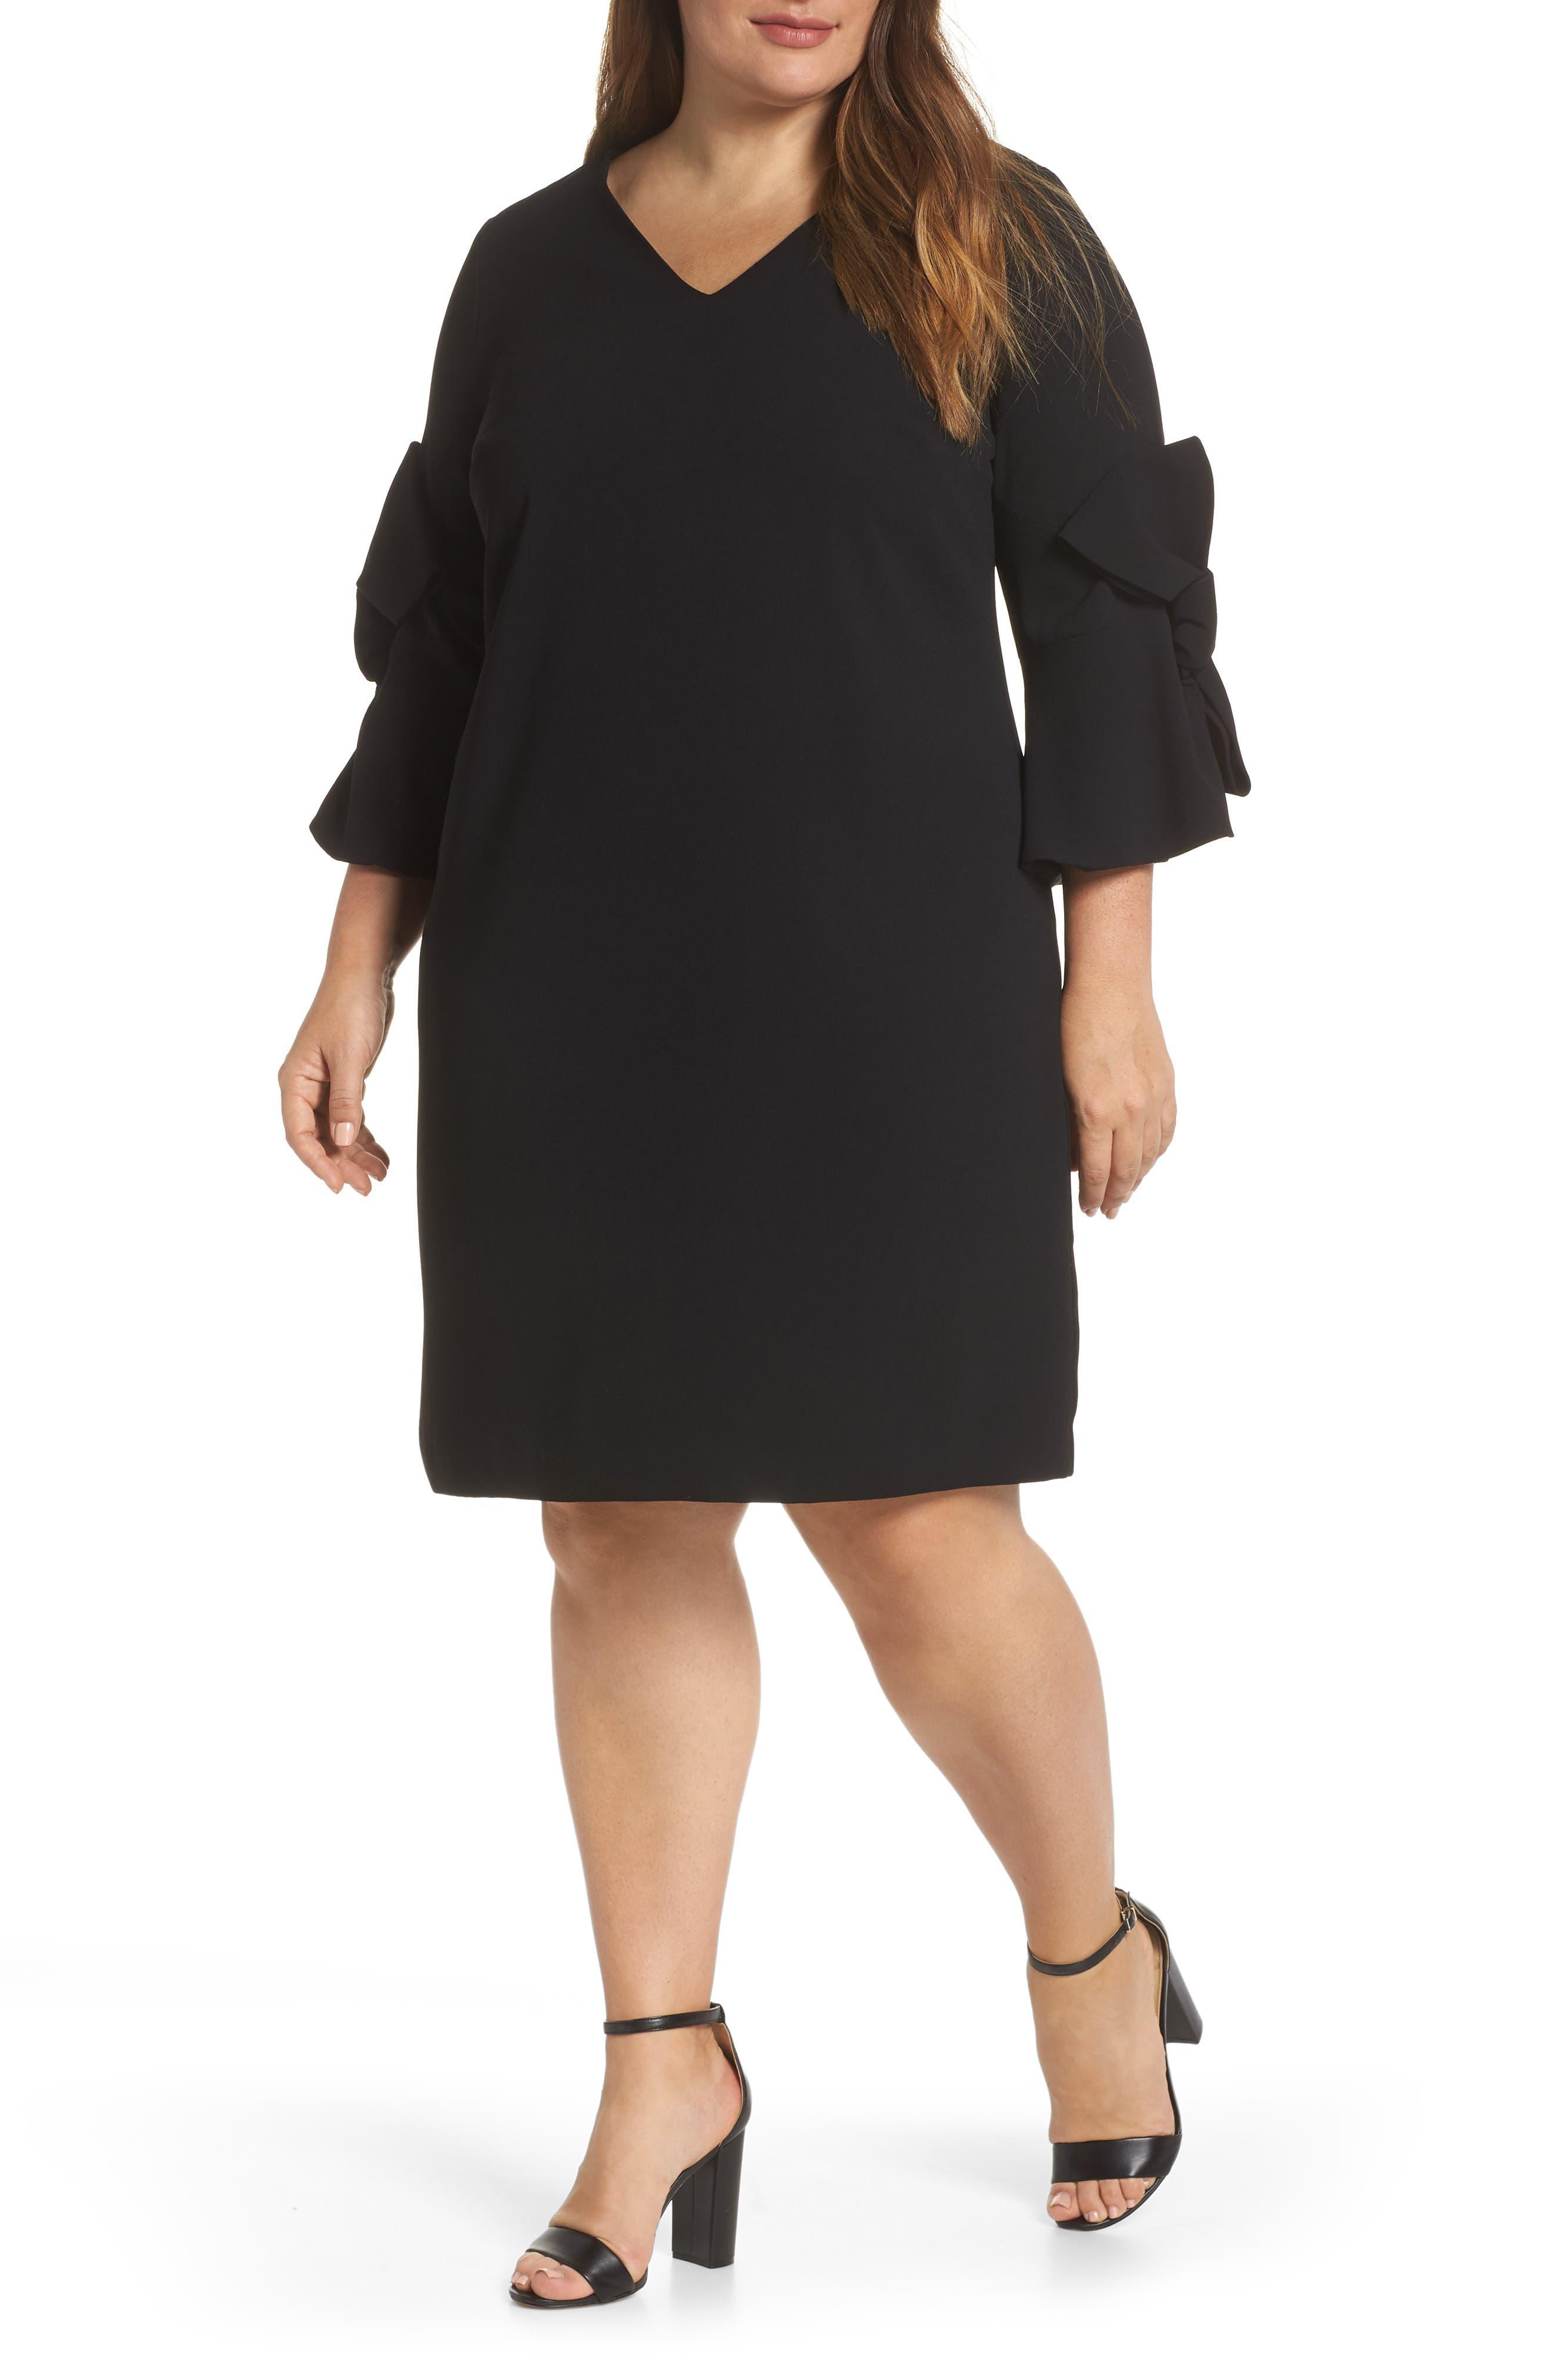 Moss Crepe Bow Shift Dress, Main, color, RICH BLACK